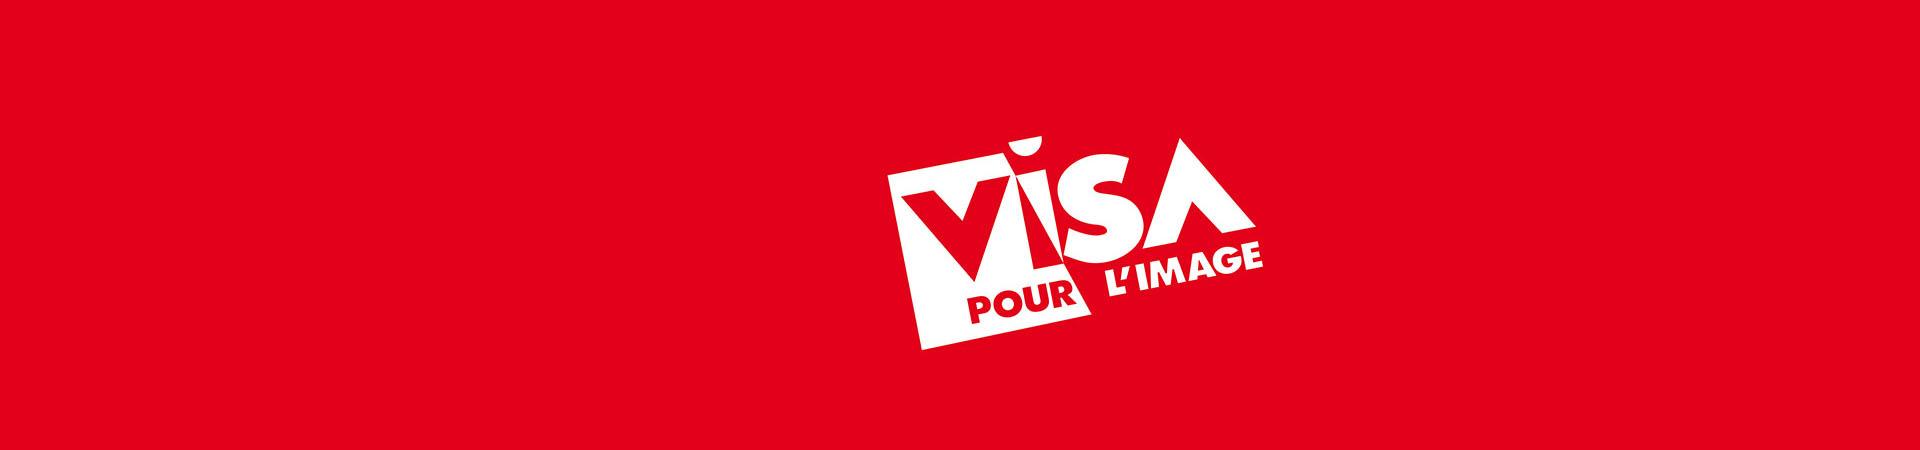 Logo Visa pour l